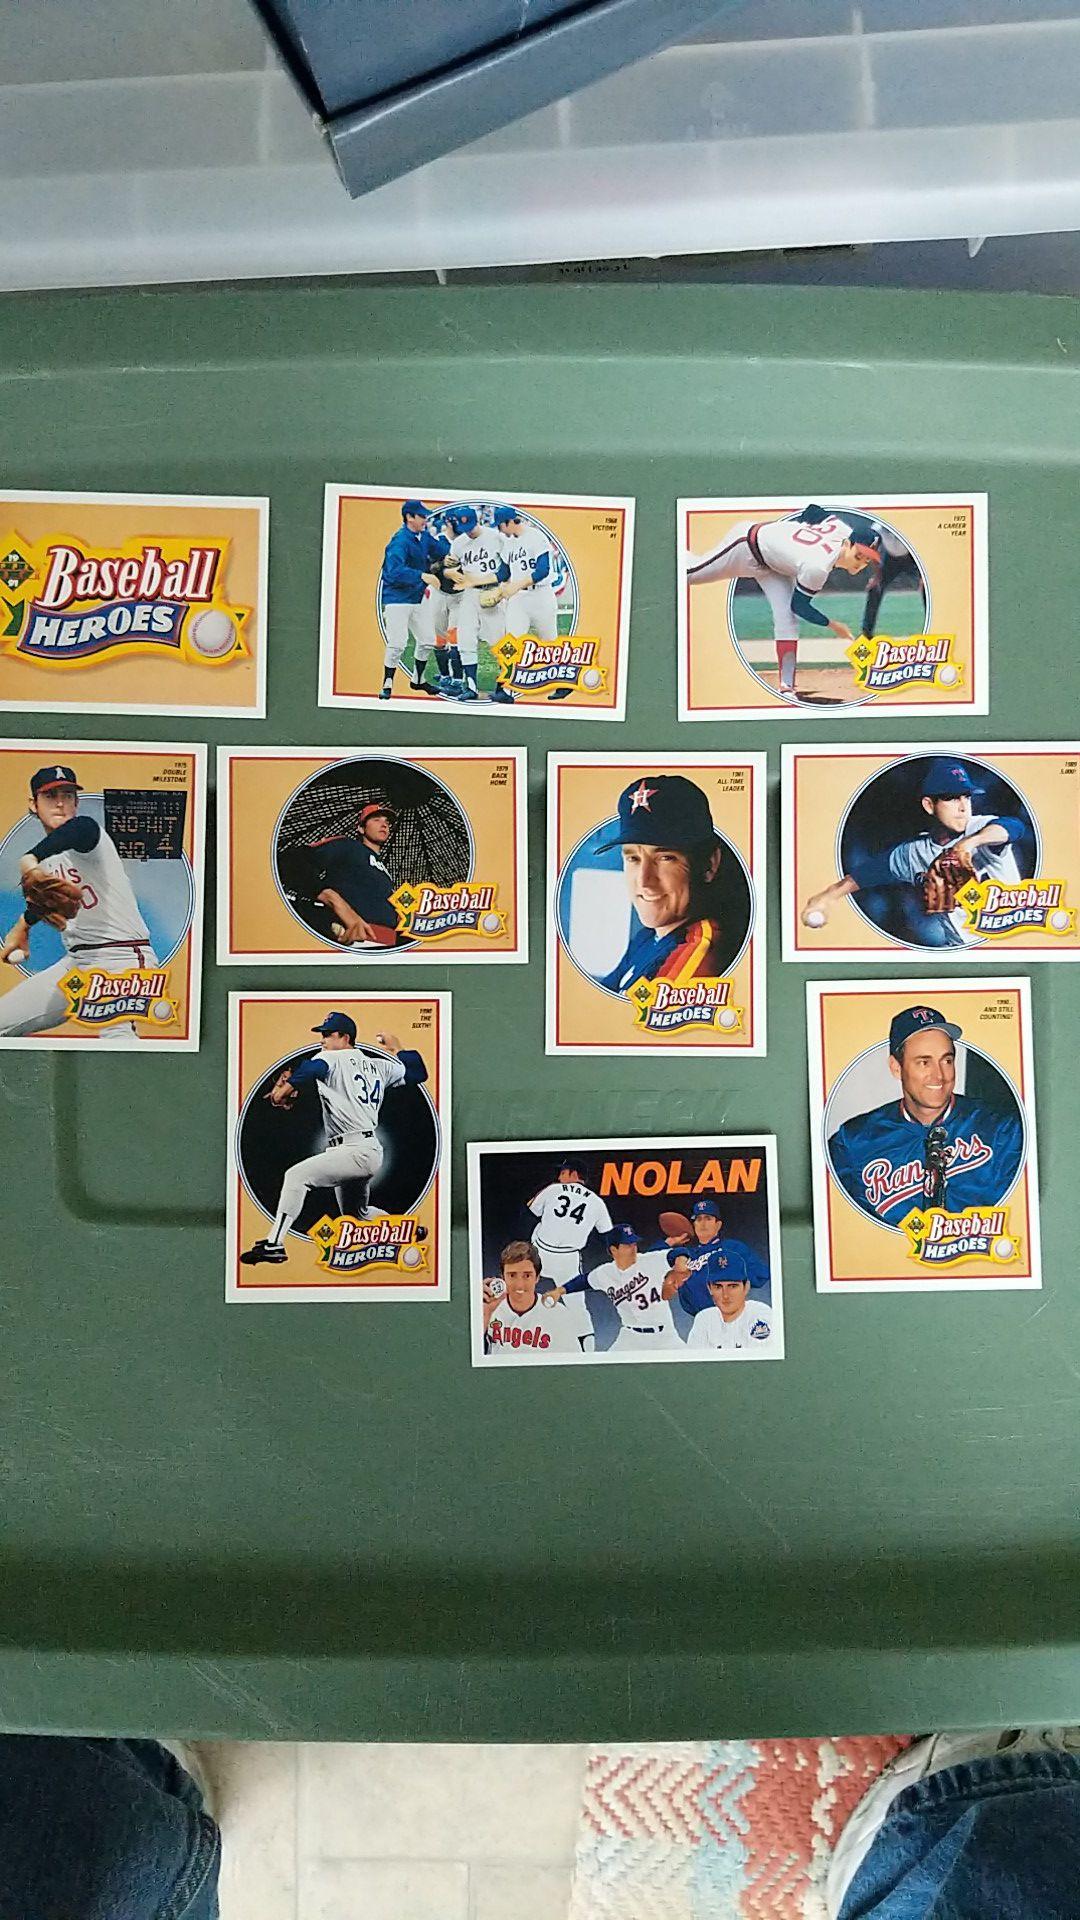 Nolan Ryan – Hall of Famer (22 cards total)